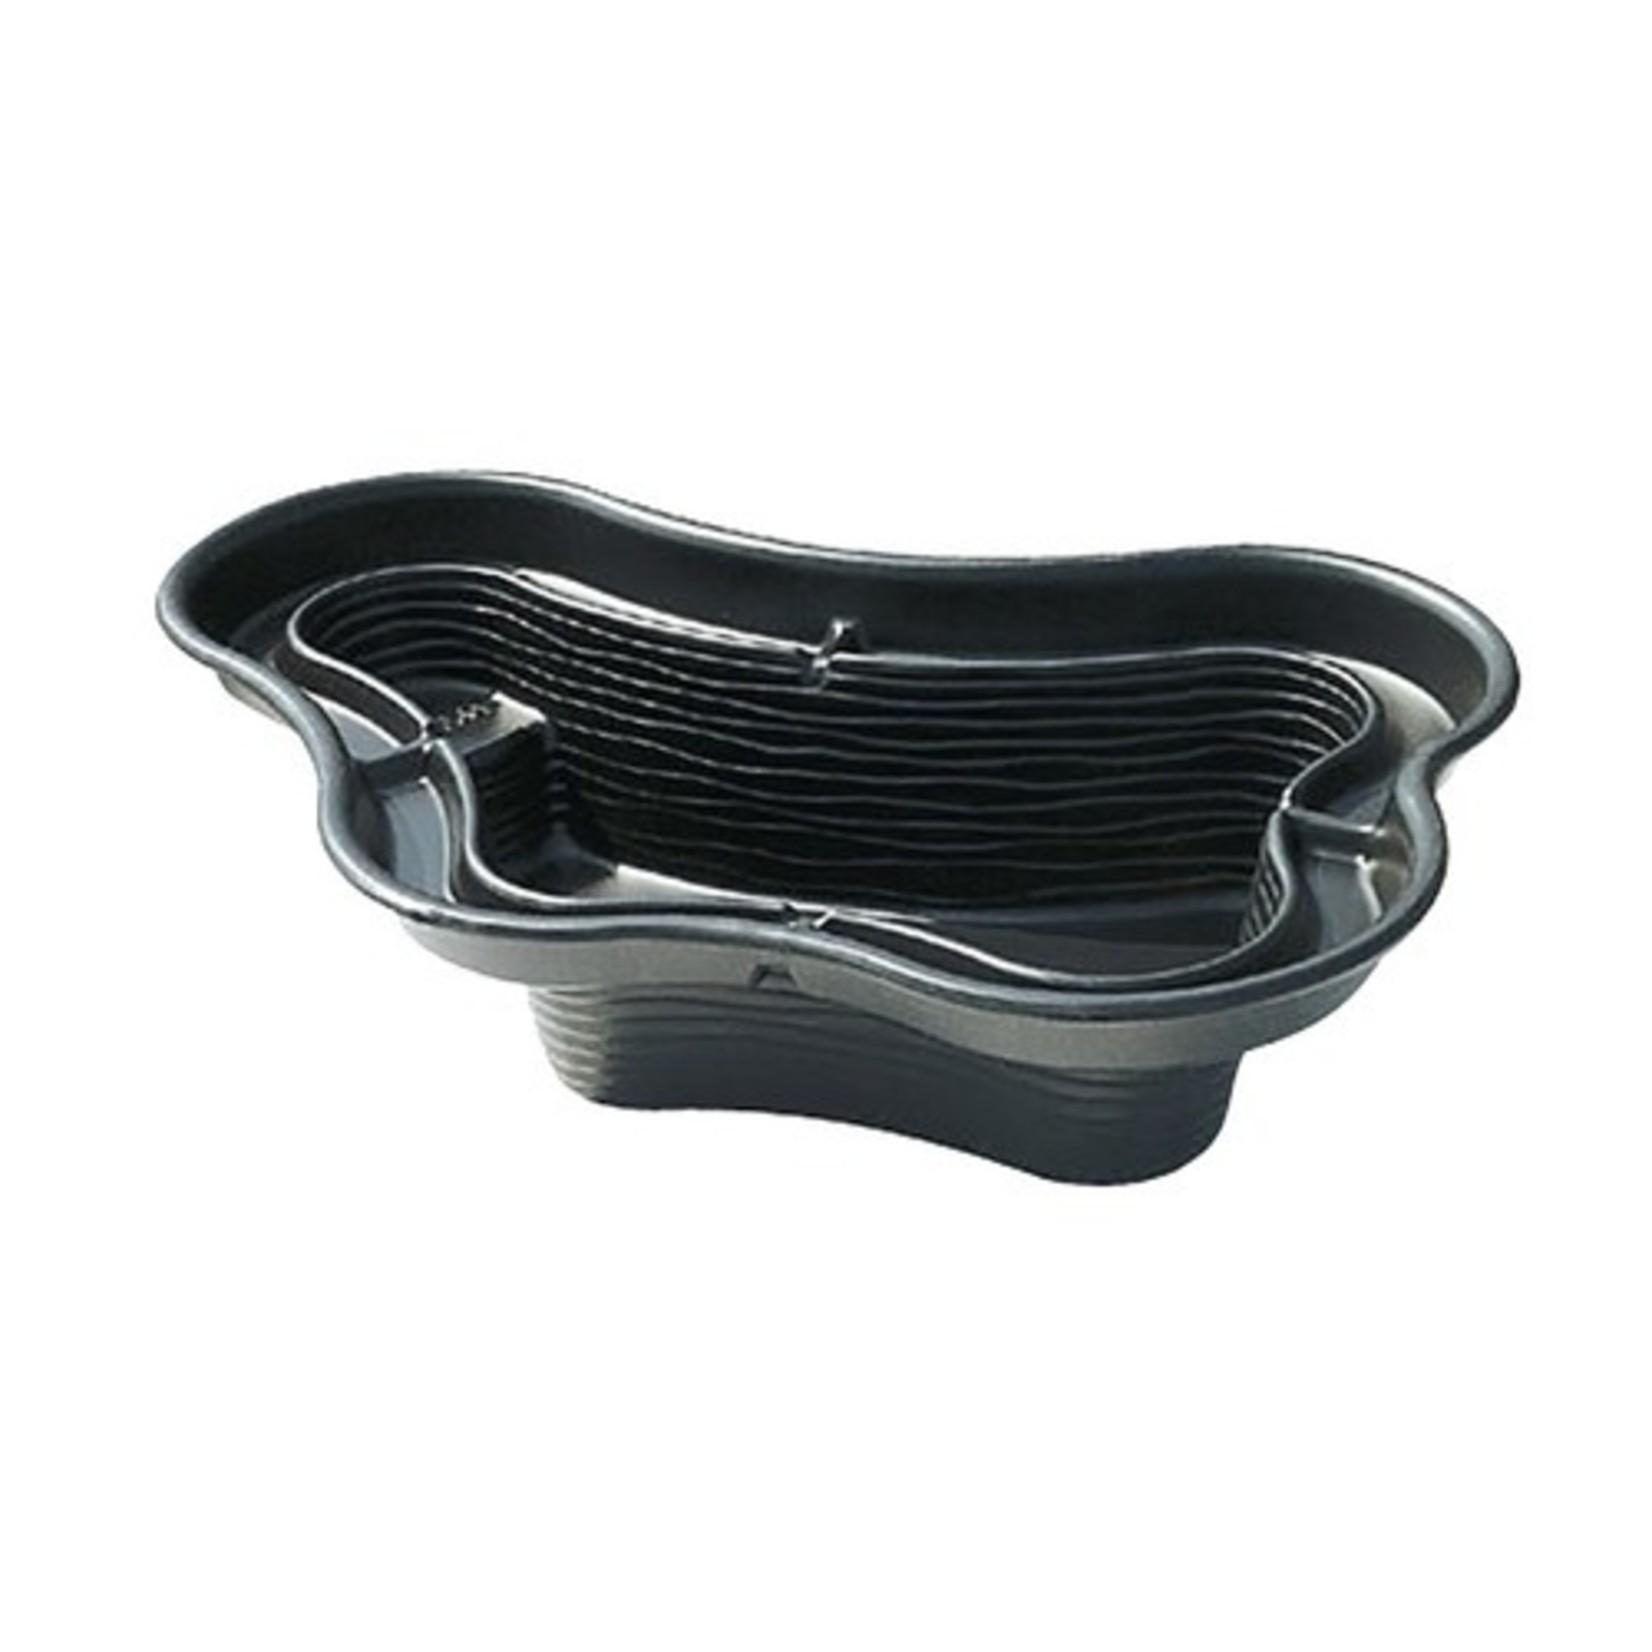 Ubbink Calmus SIV - 530 liter - 215x145x50 cm